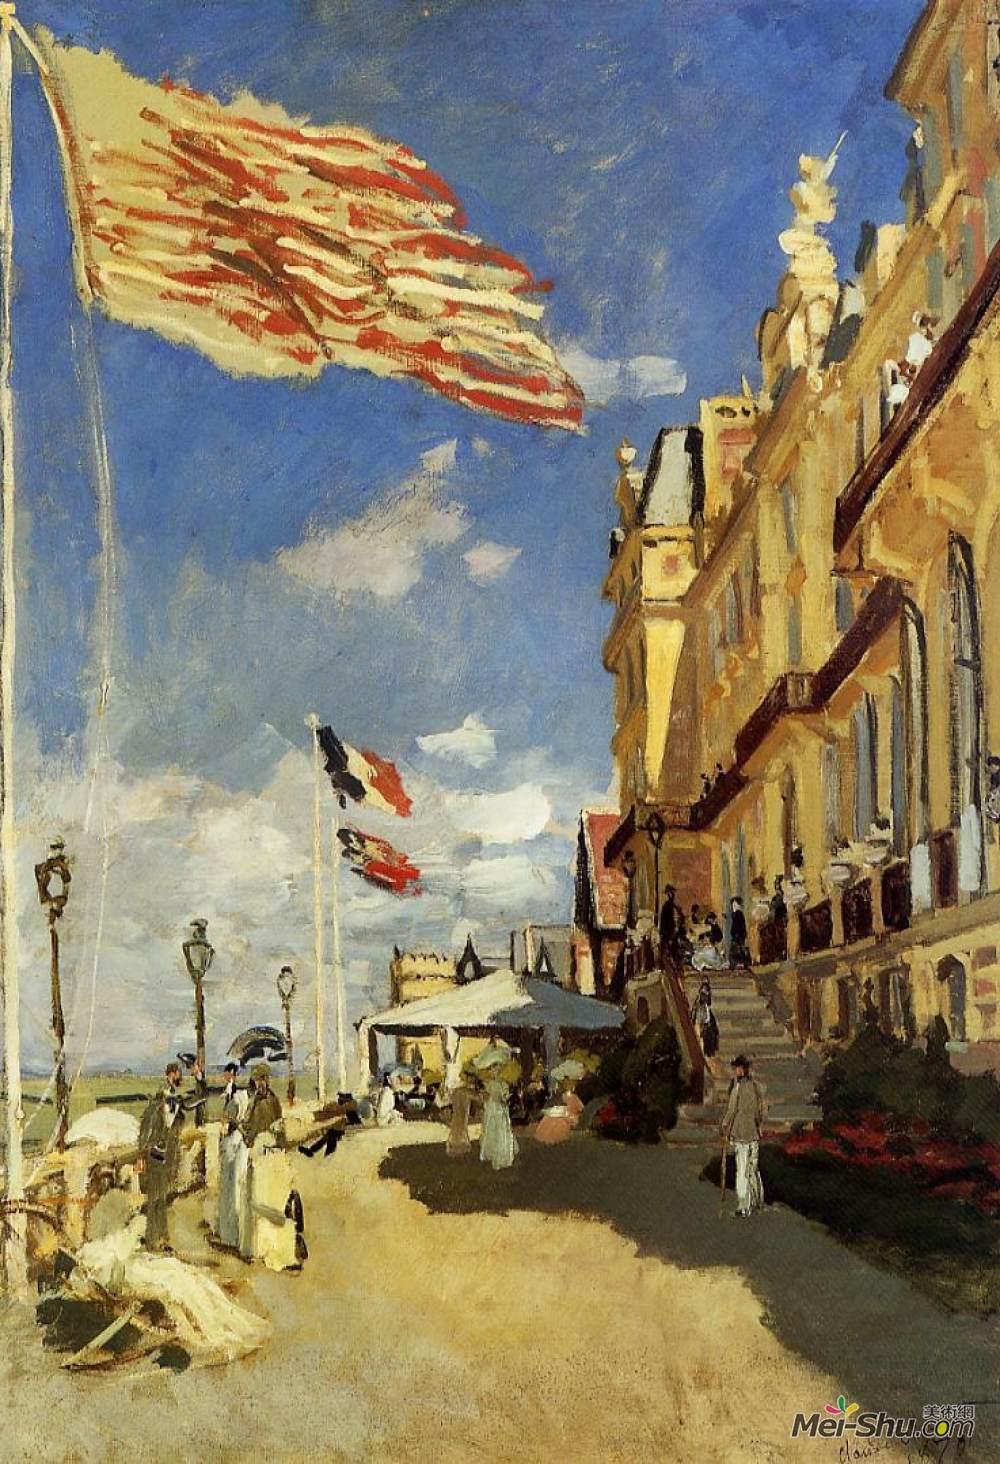 克劳德·莫奈(Claude Monet)高清作品《The Hotel des Roches Noires at Trouville》